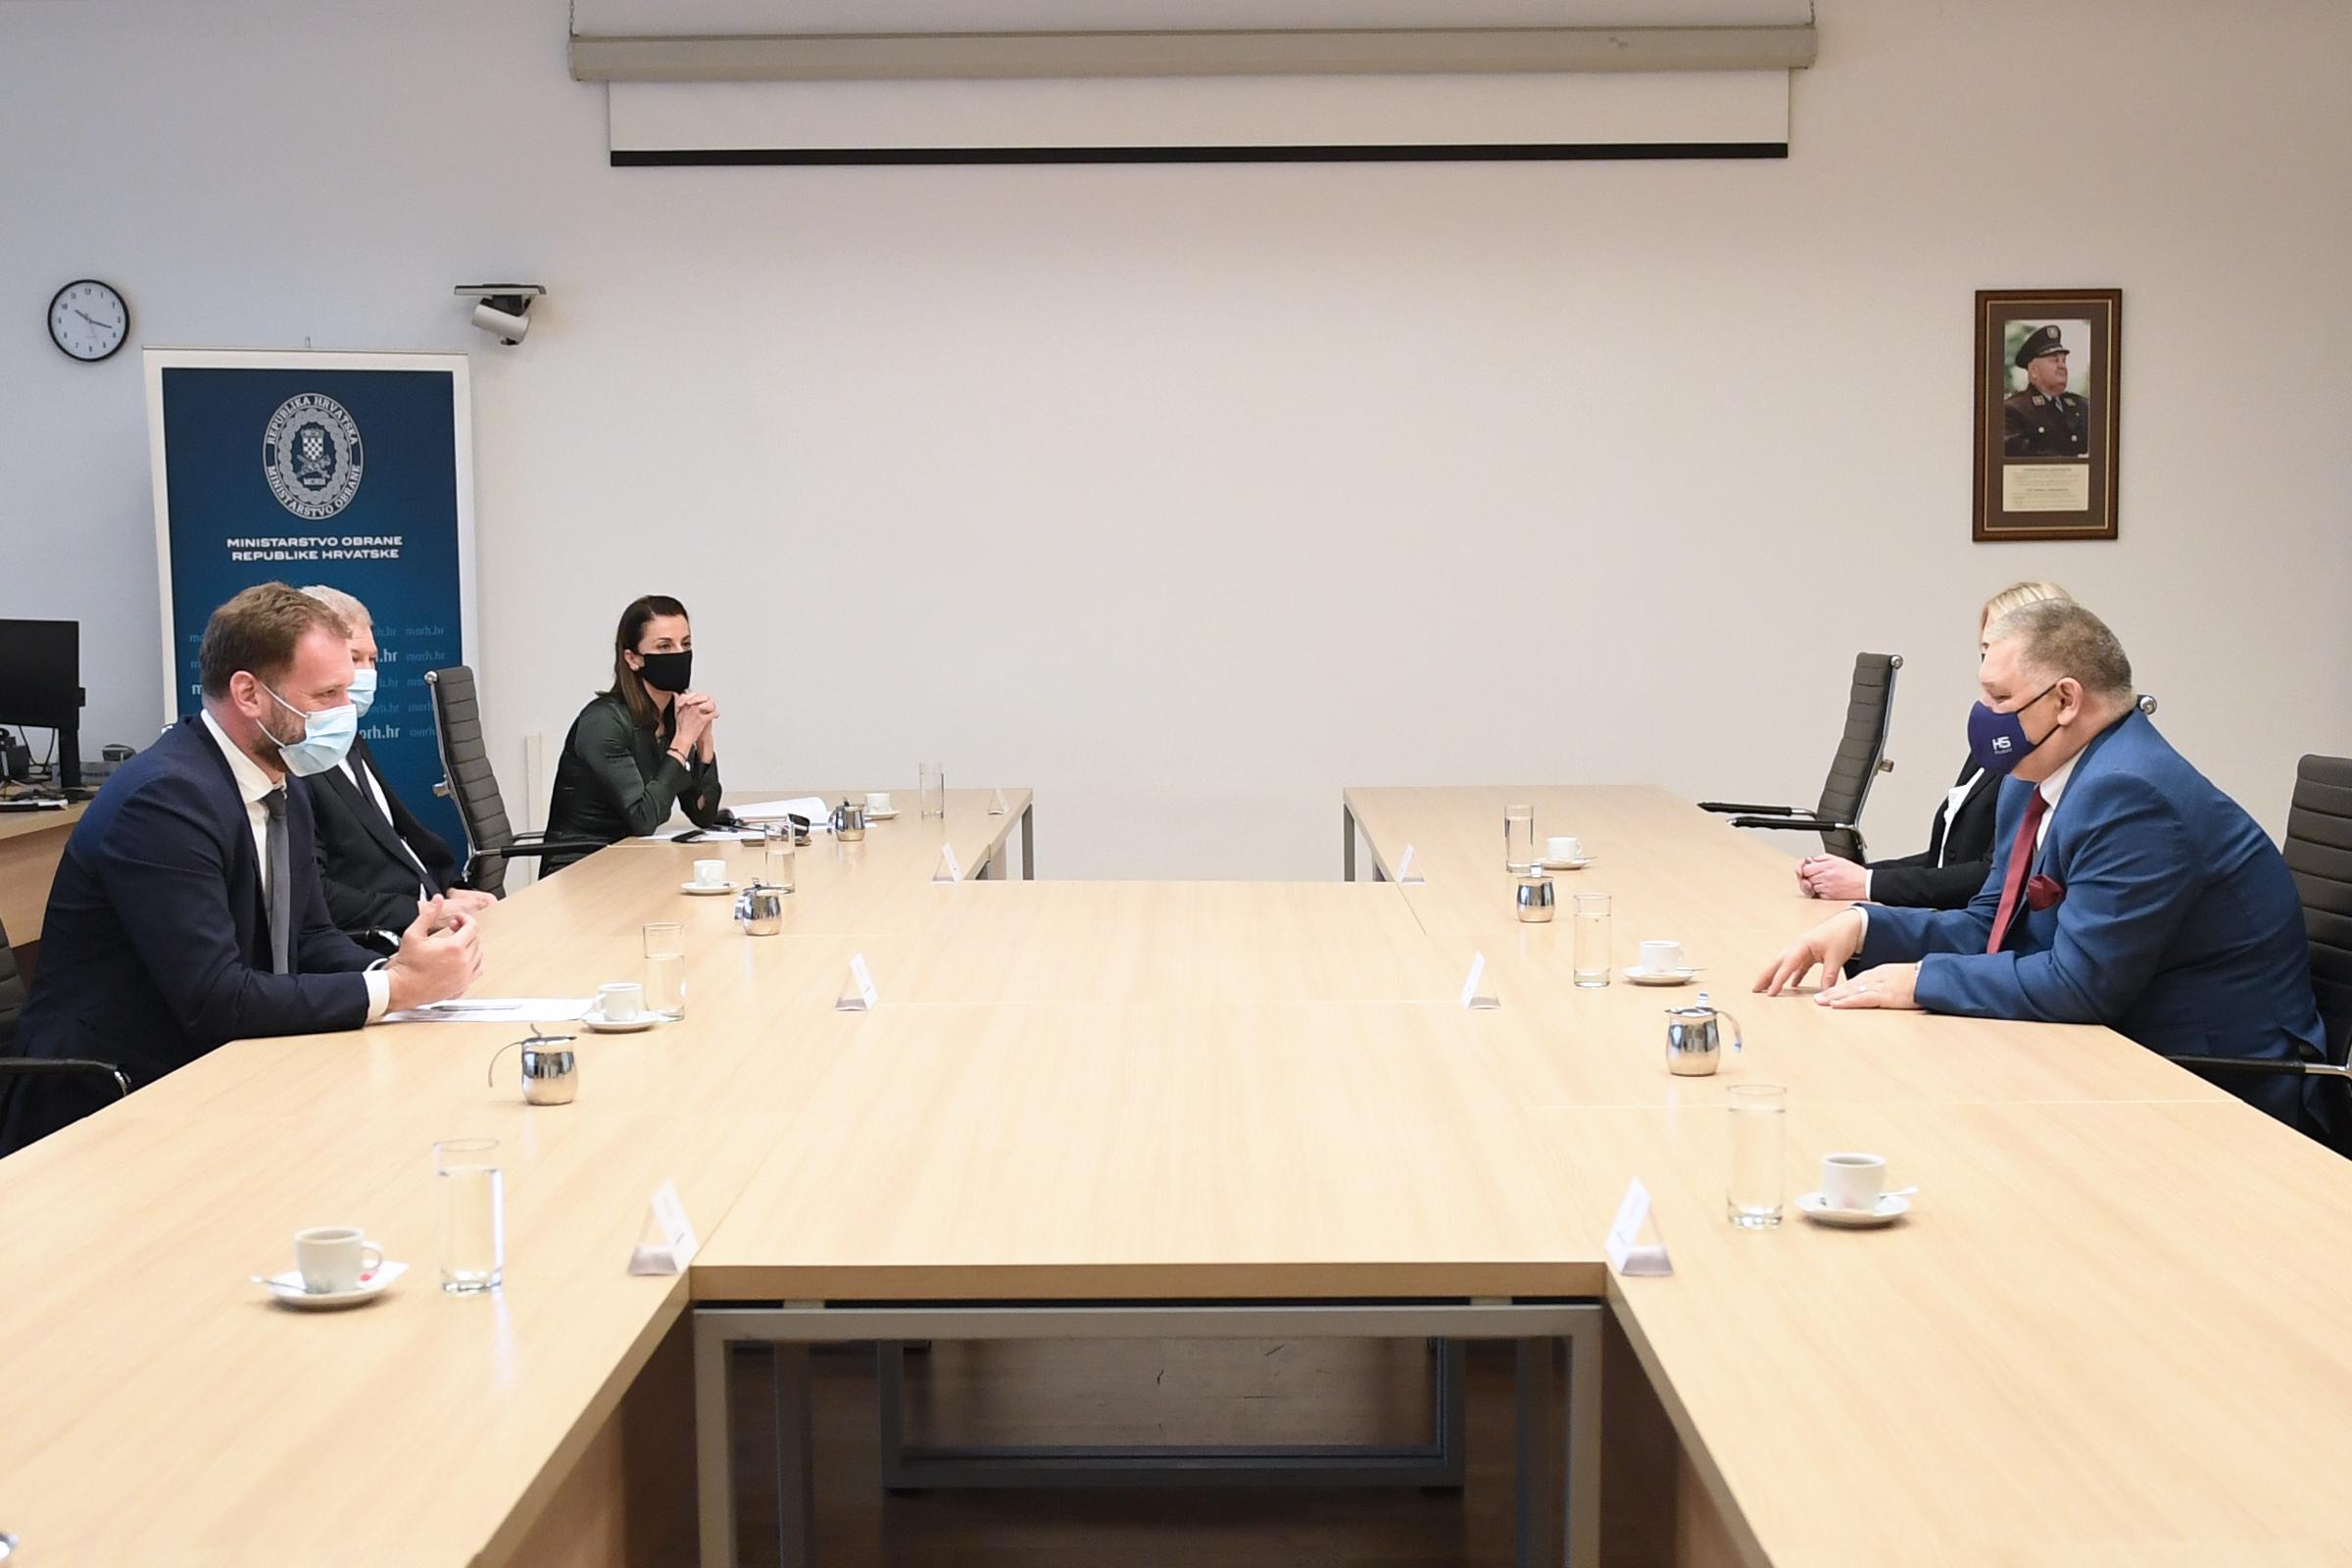 Ministar Banožić uručio AQAP certifikat tvrtki HS Produkt